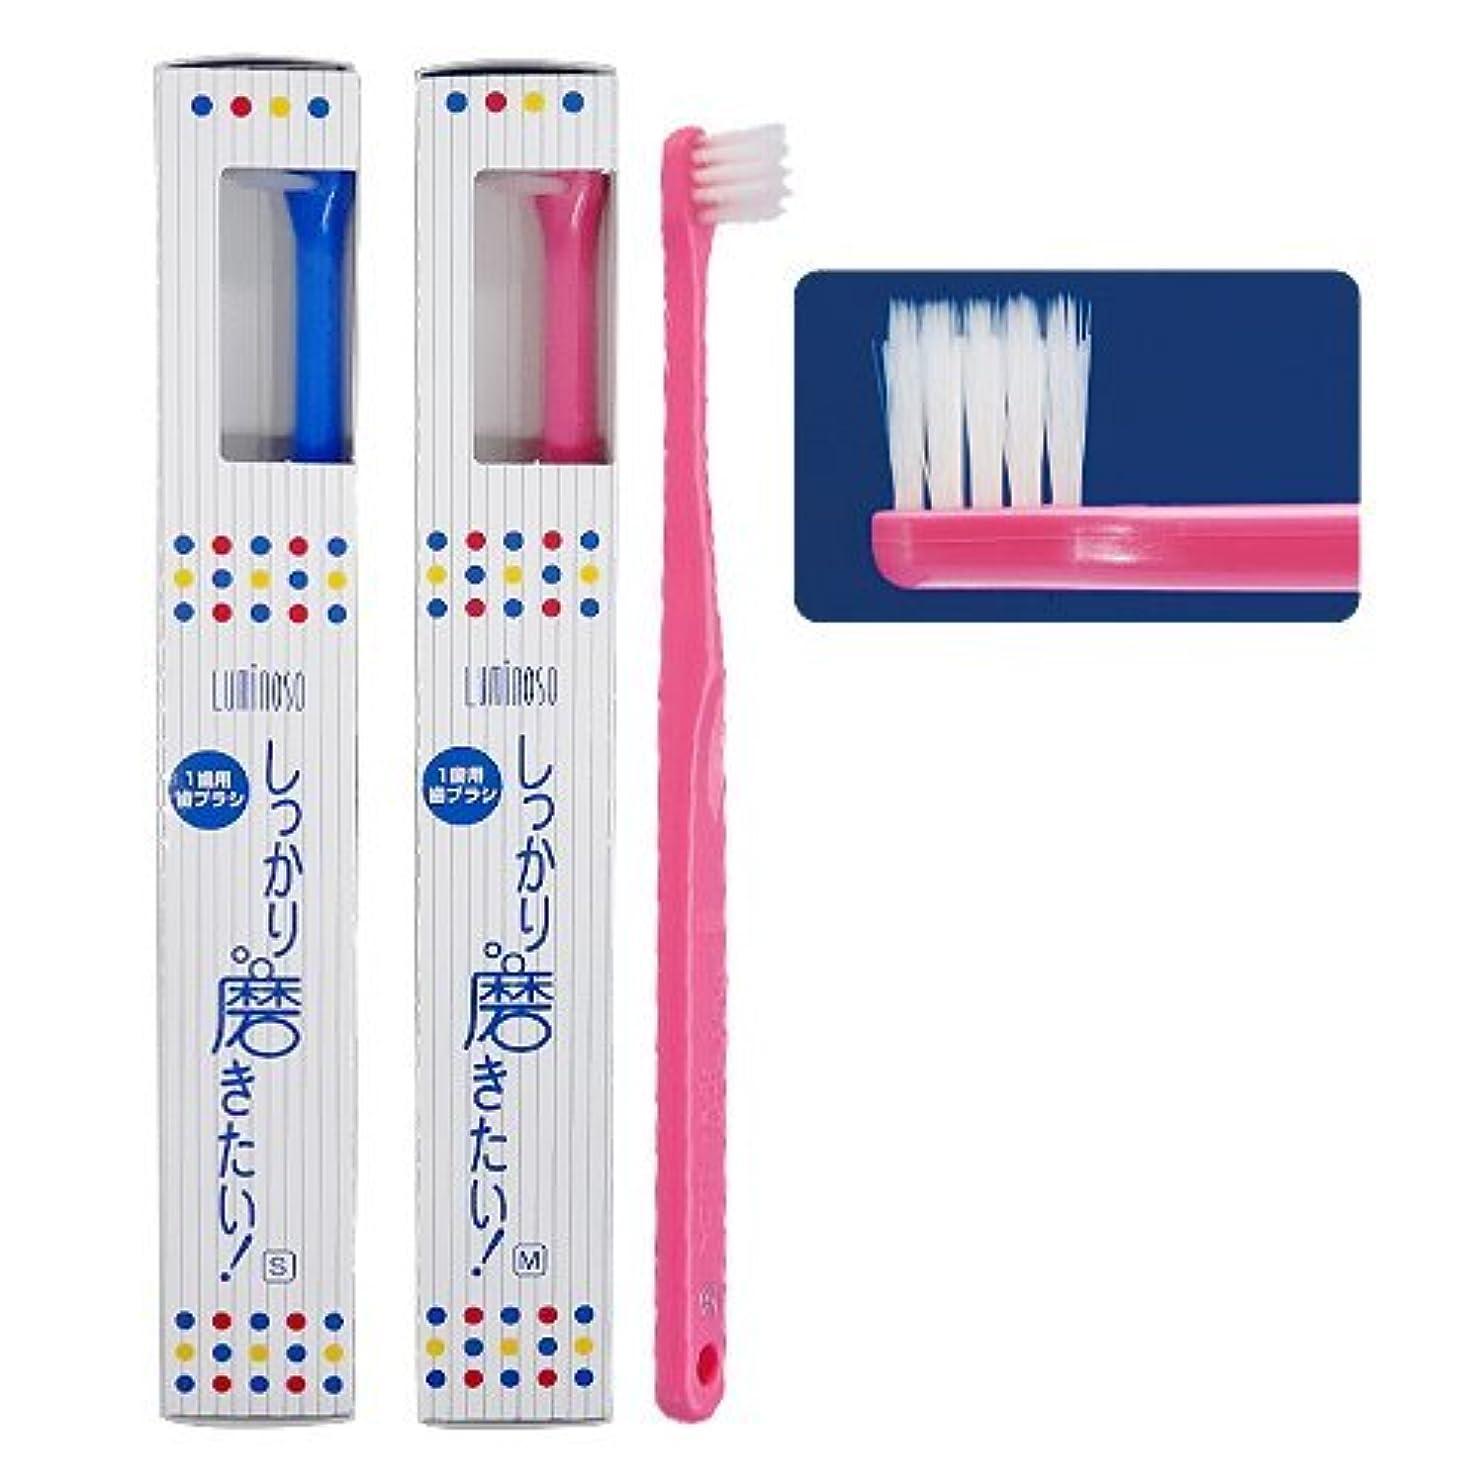 著者粘着性遠征ルミノソ 1歯用歯ブラシ「しっかり磨きたい!」スタンダード ソフト (カラー指定不可) 5本